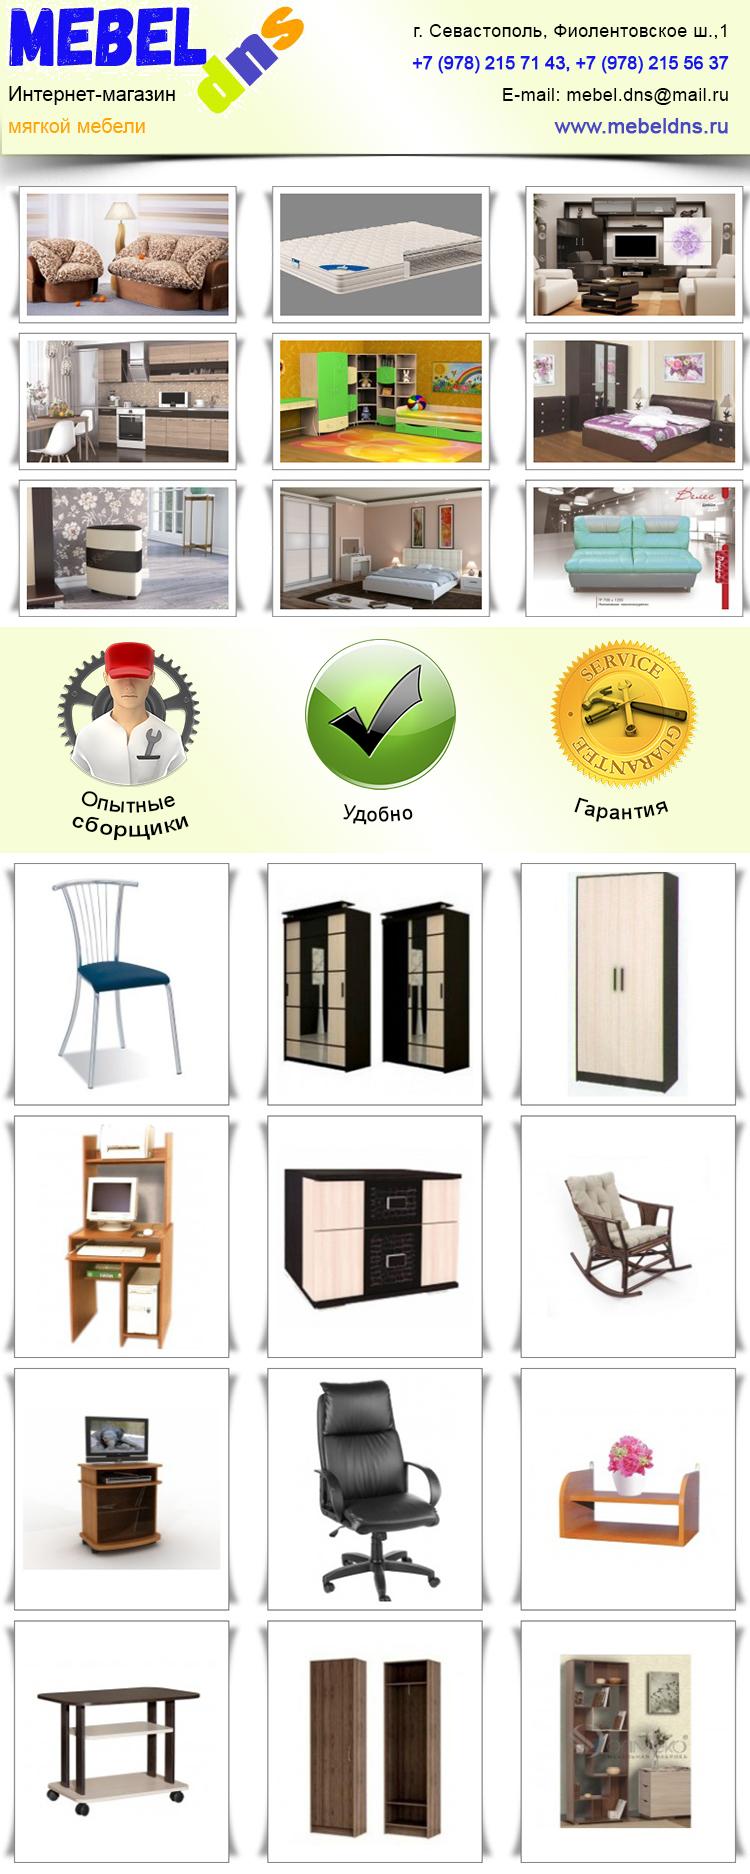 Интернет магазин мягкой мебели Севастополь